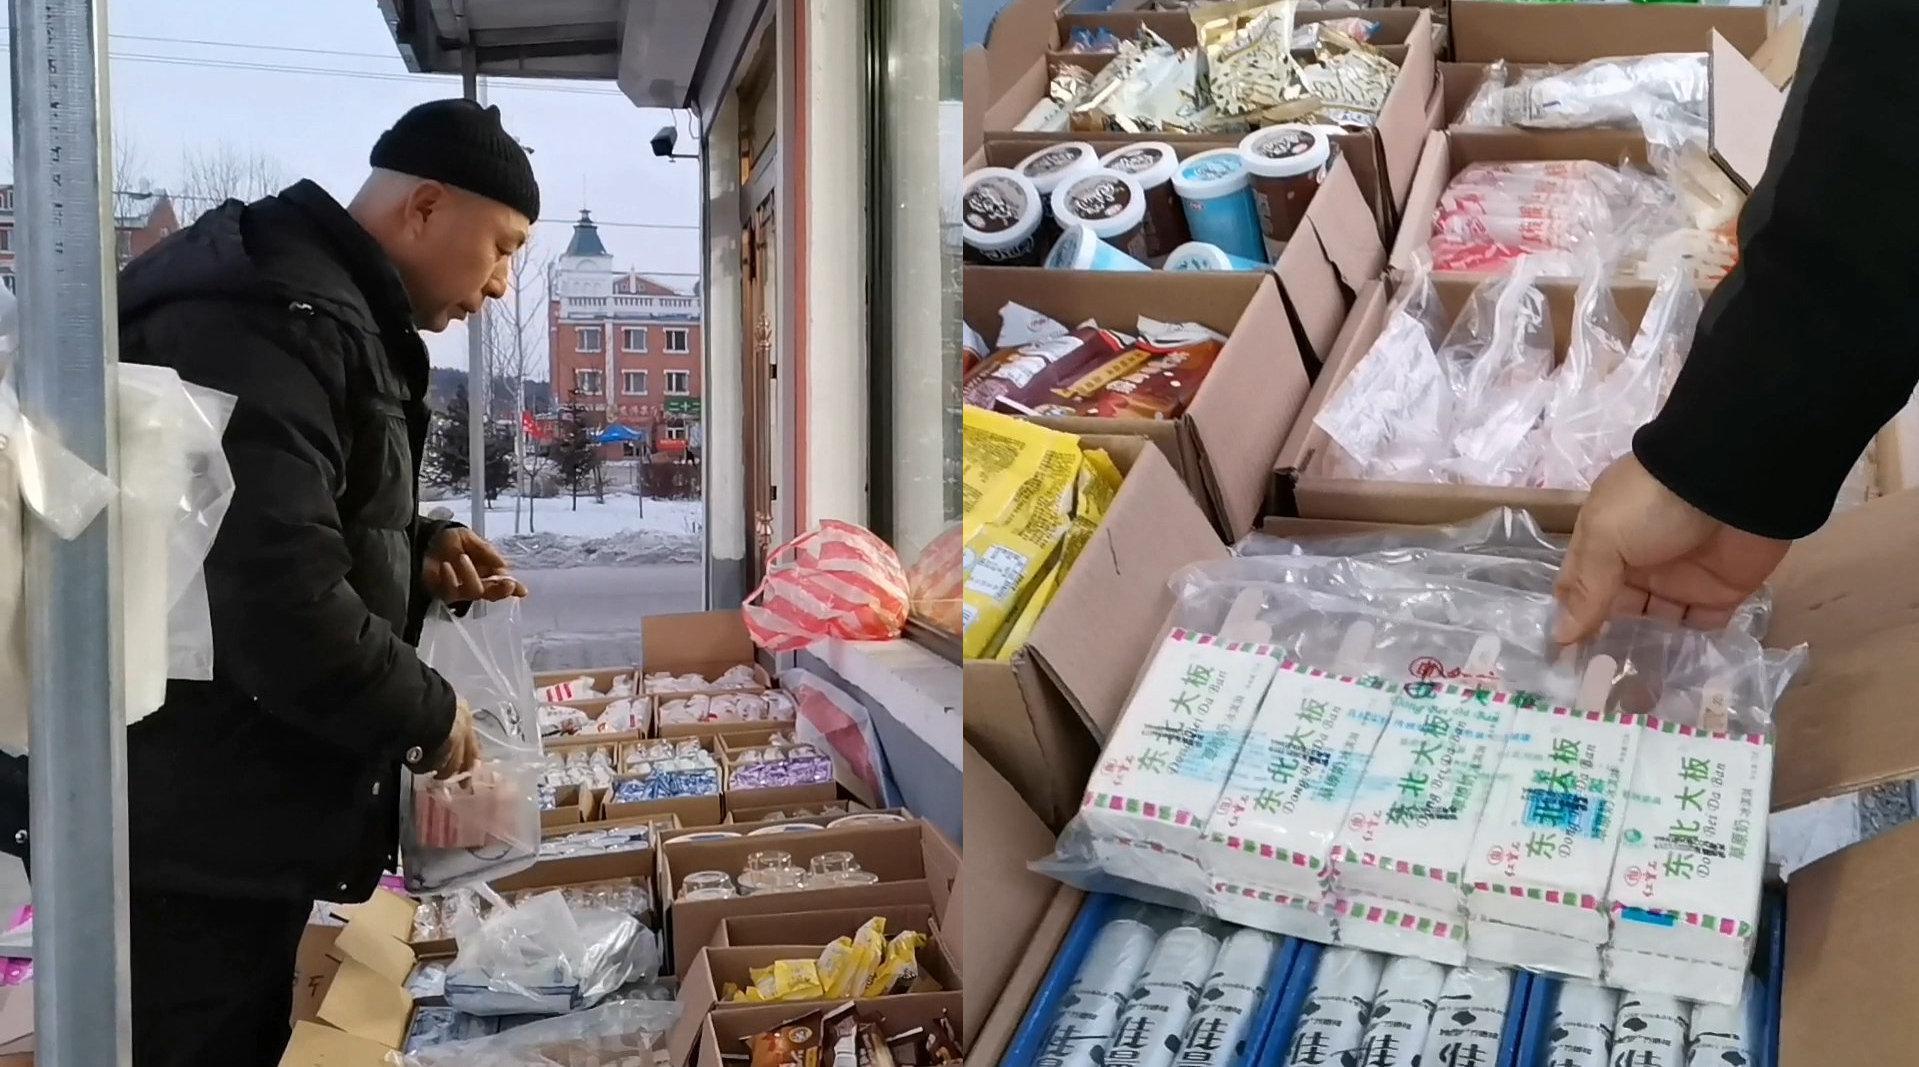 黑龙江塔河县气温降至零下29度  雪糕当街卖生意比夏天红火